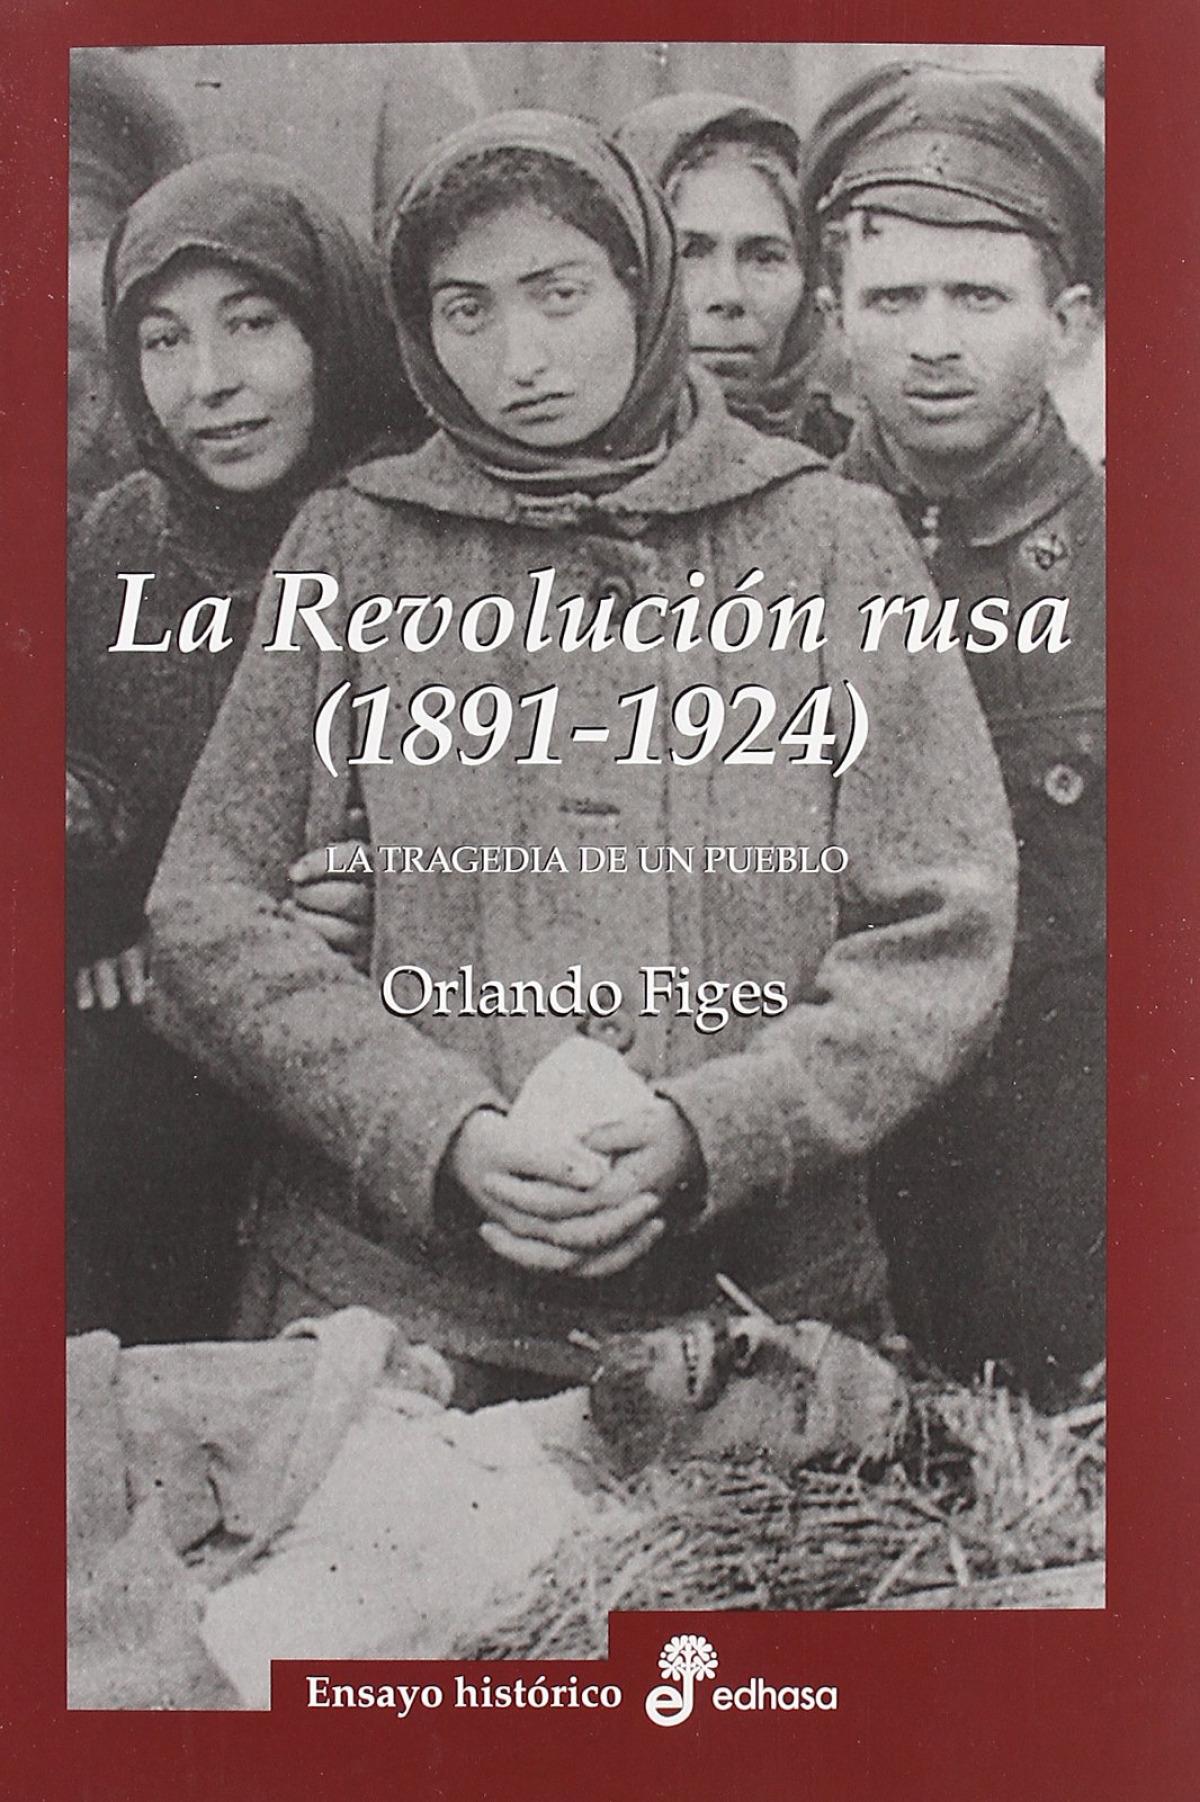 La revolución rusa 1891 1924. La tragedia de un pueblo